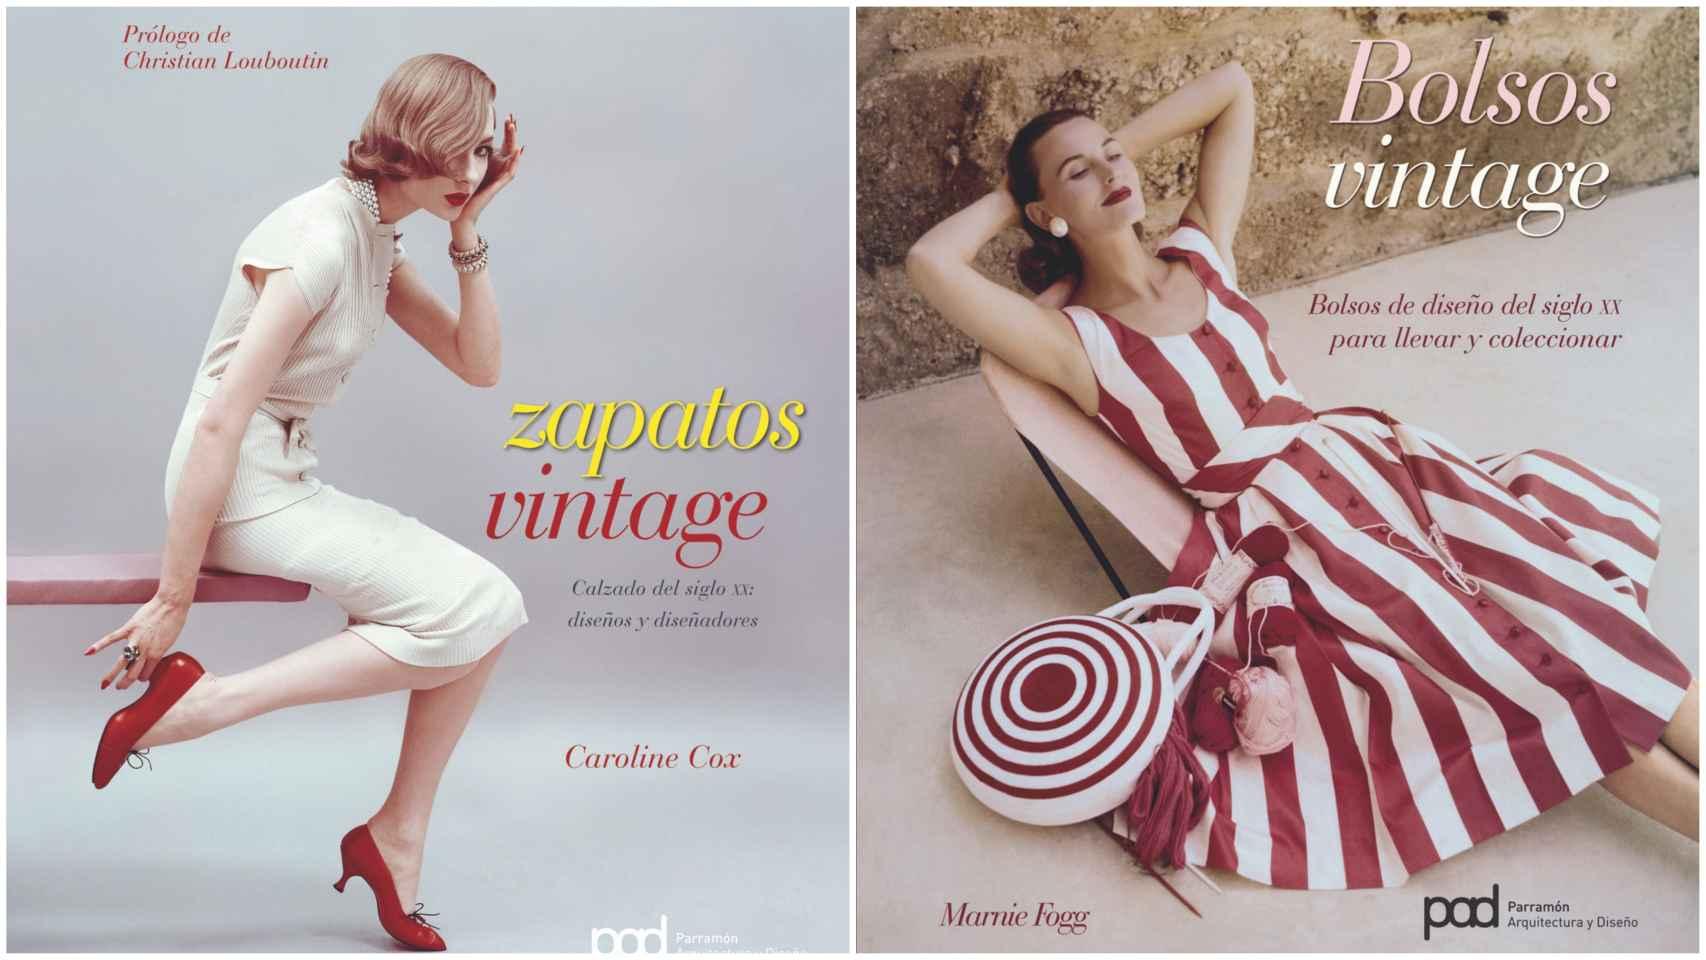 """""""Bolsos vintage"""" (Marnie Fogg, 2009) y """"Zapatos vintage"""" (Caroline Cox, 2009): ambos libros pertenecen a una colección que ahonda en prendas de antaño."""